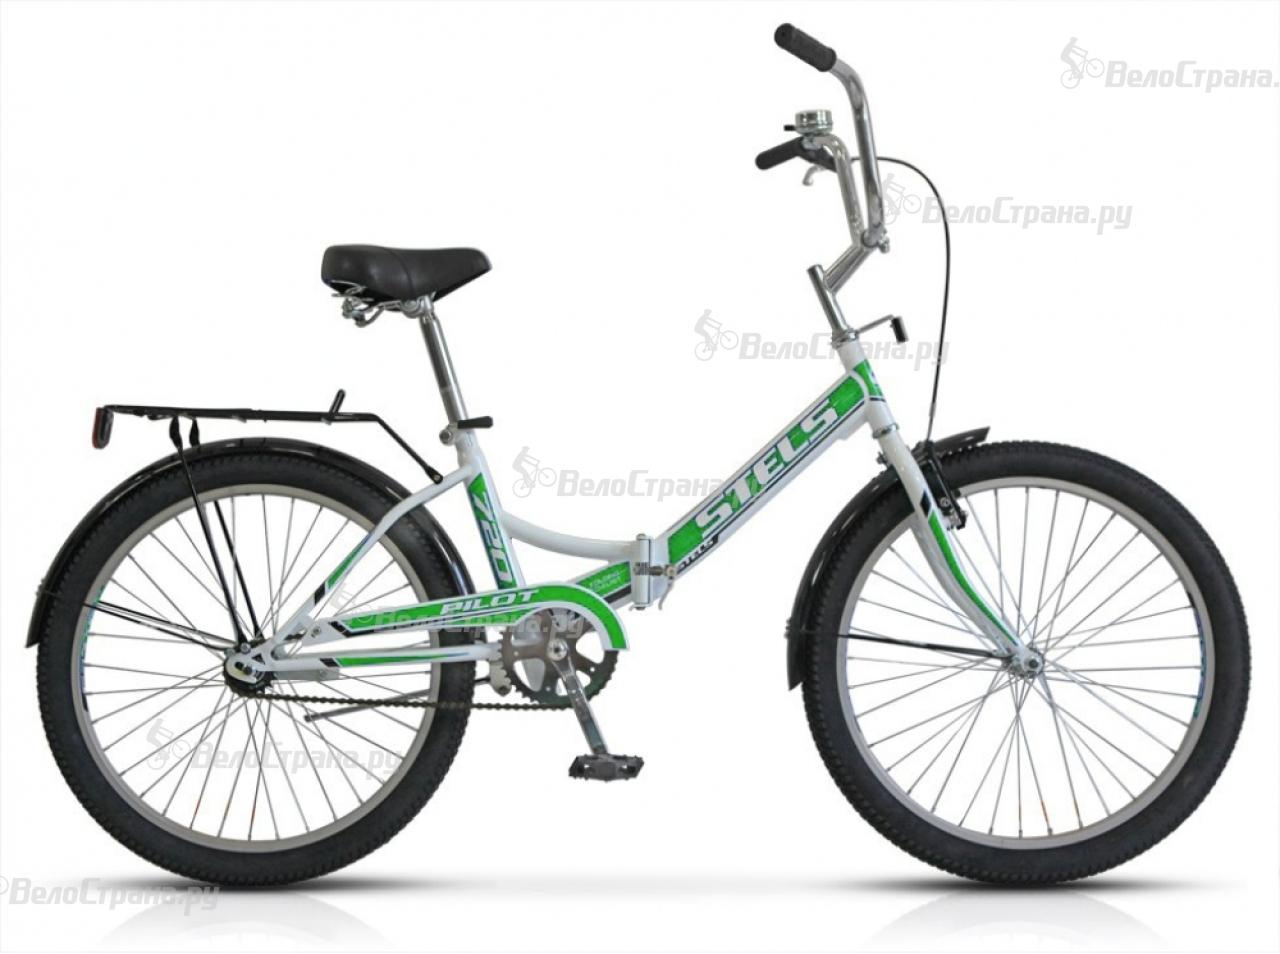 Велосипед Stels Pilot 720 (2013)